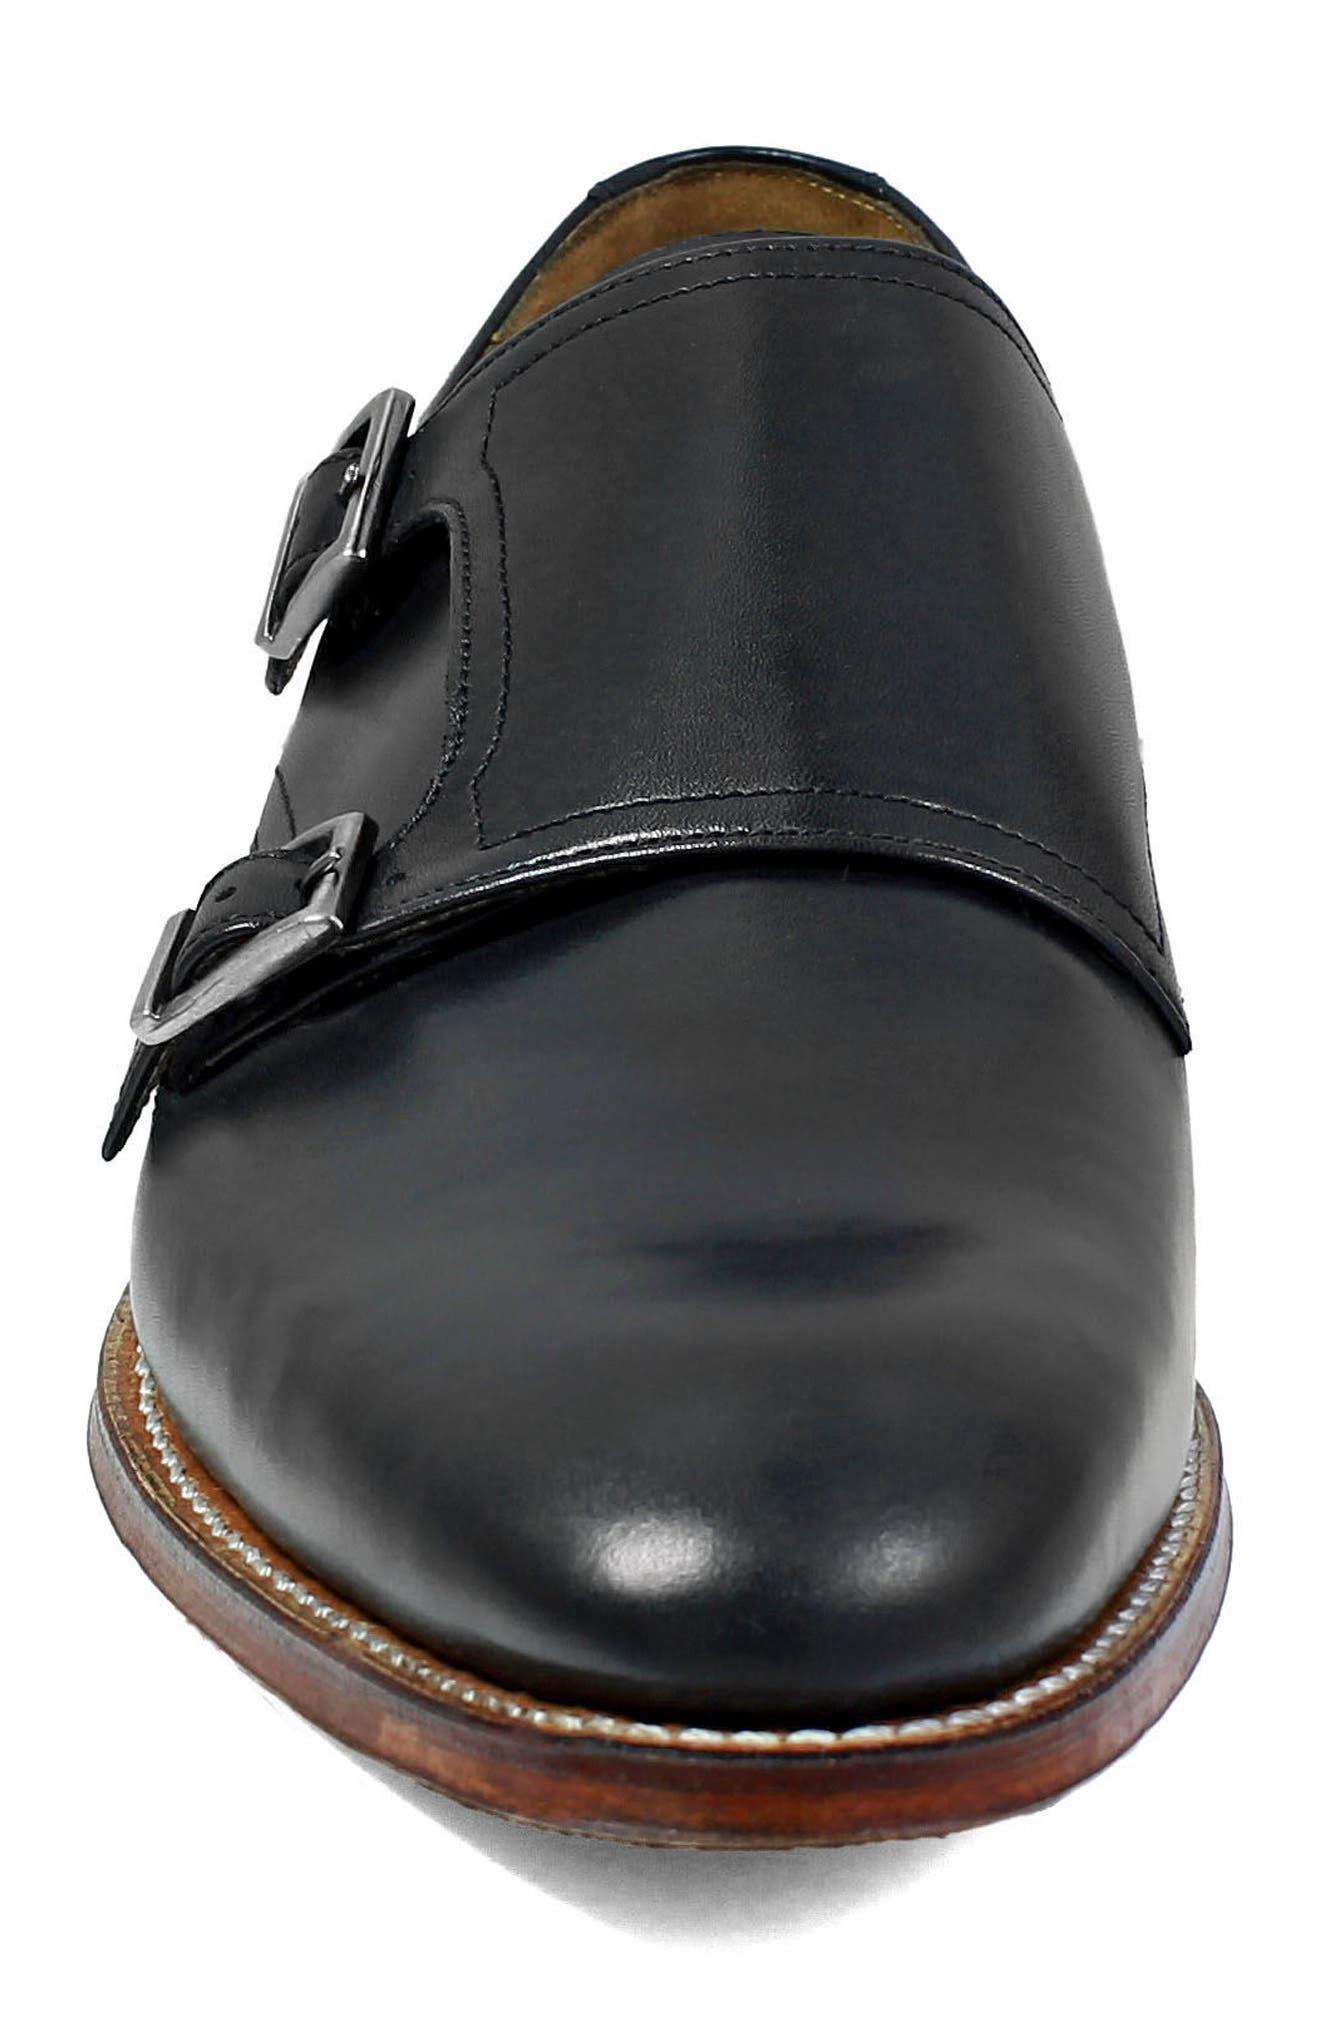 M2 Plain Toe Double Strap Monk Shoe,                             Alternate thumbnail 4, color,                             Black Leather